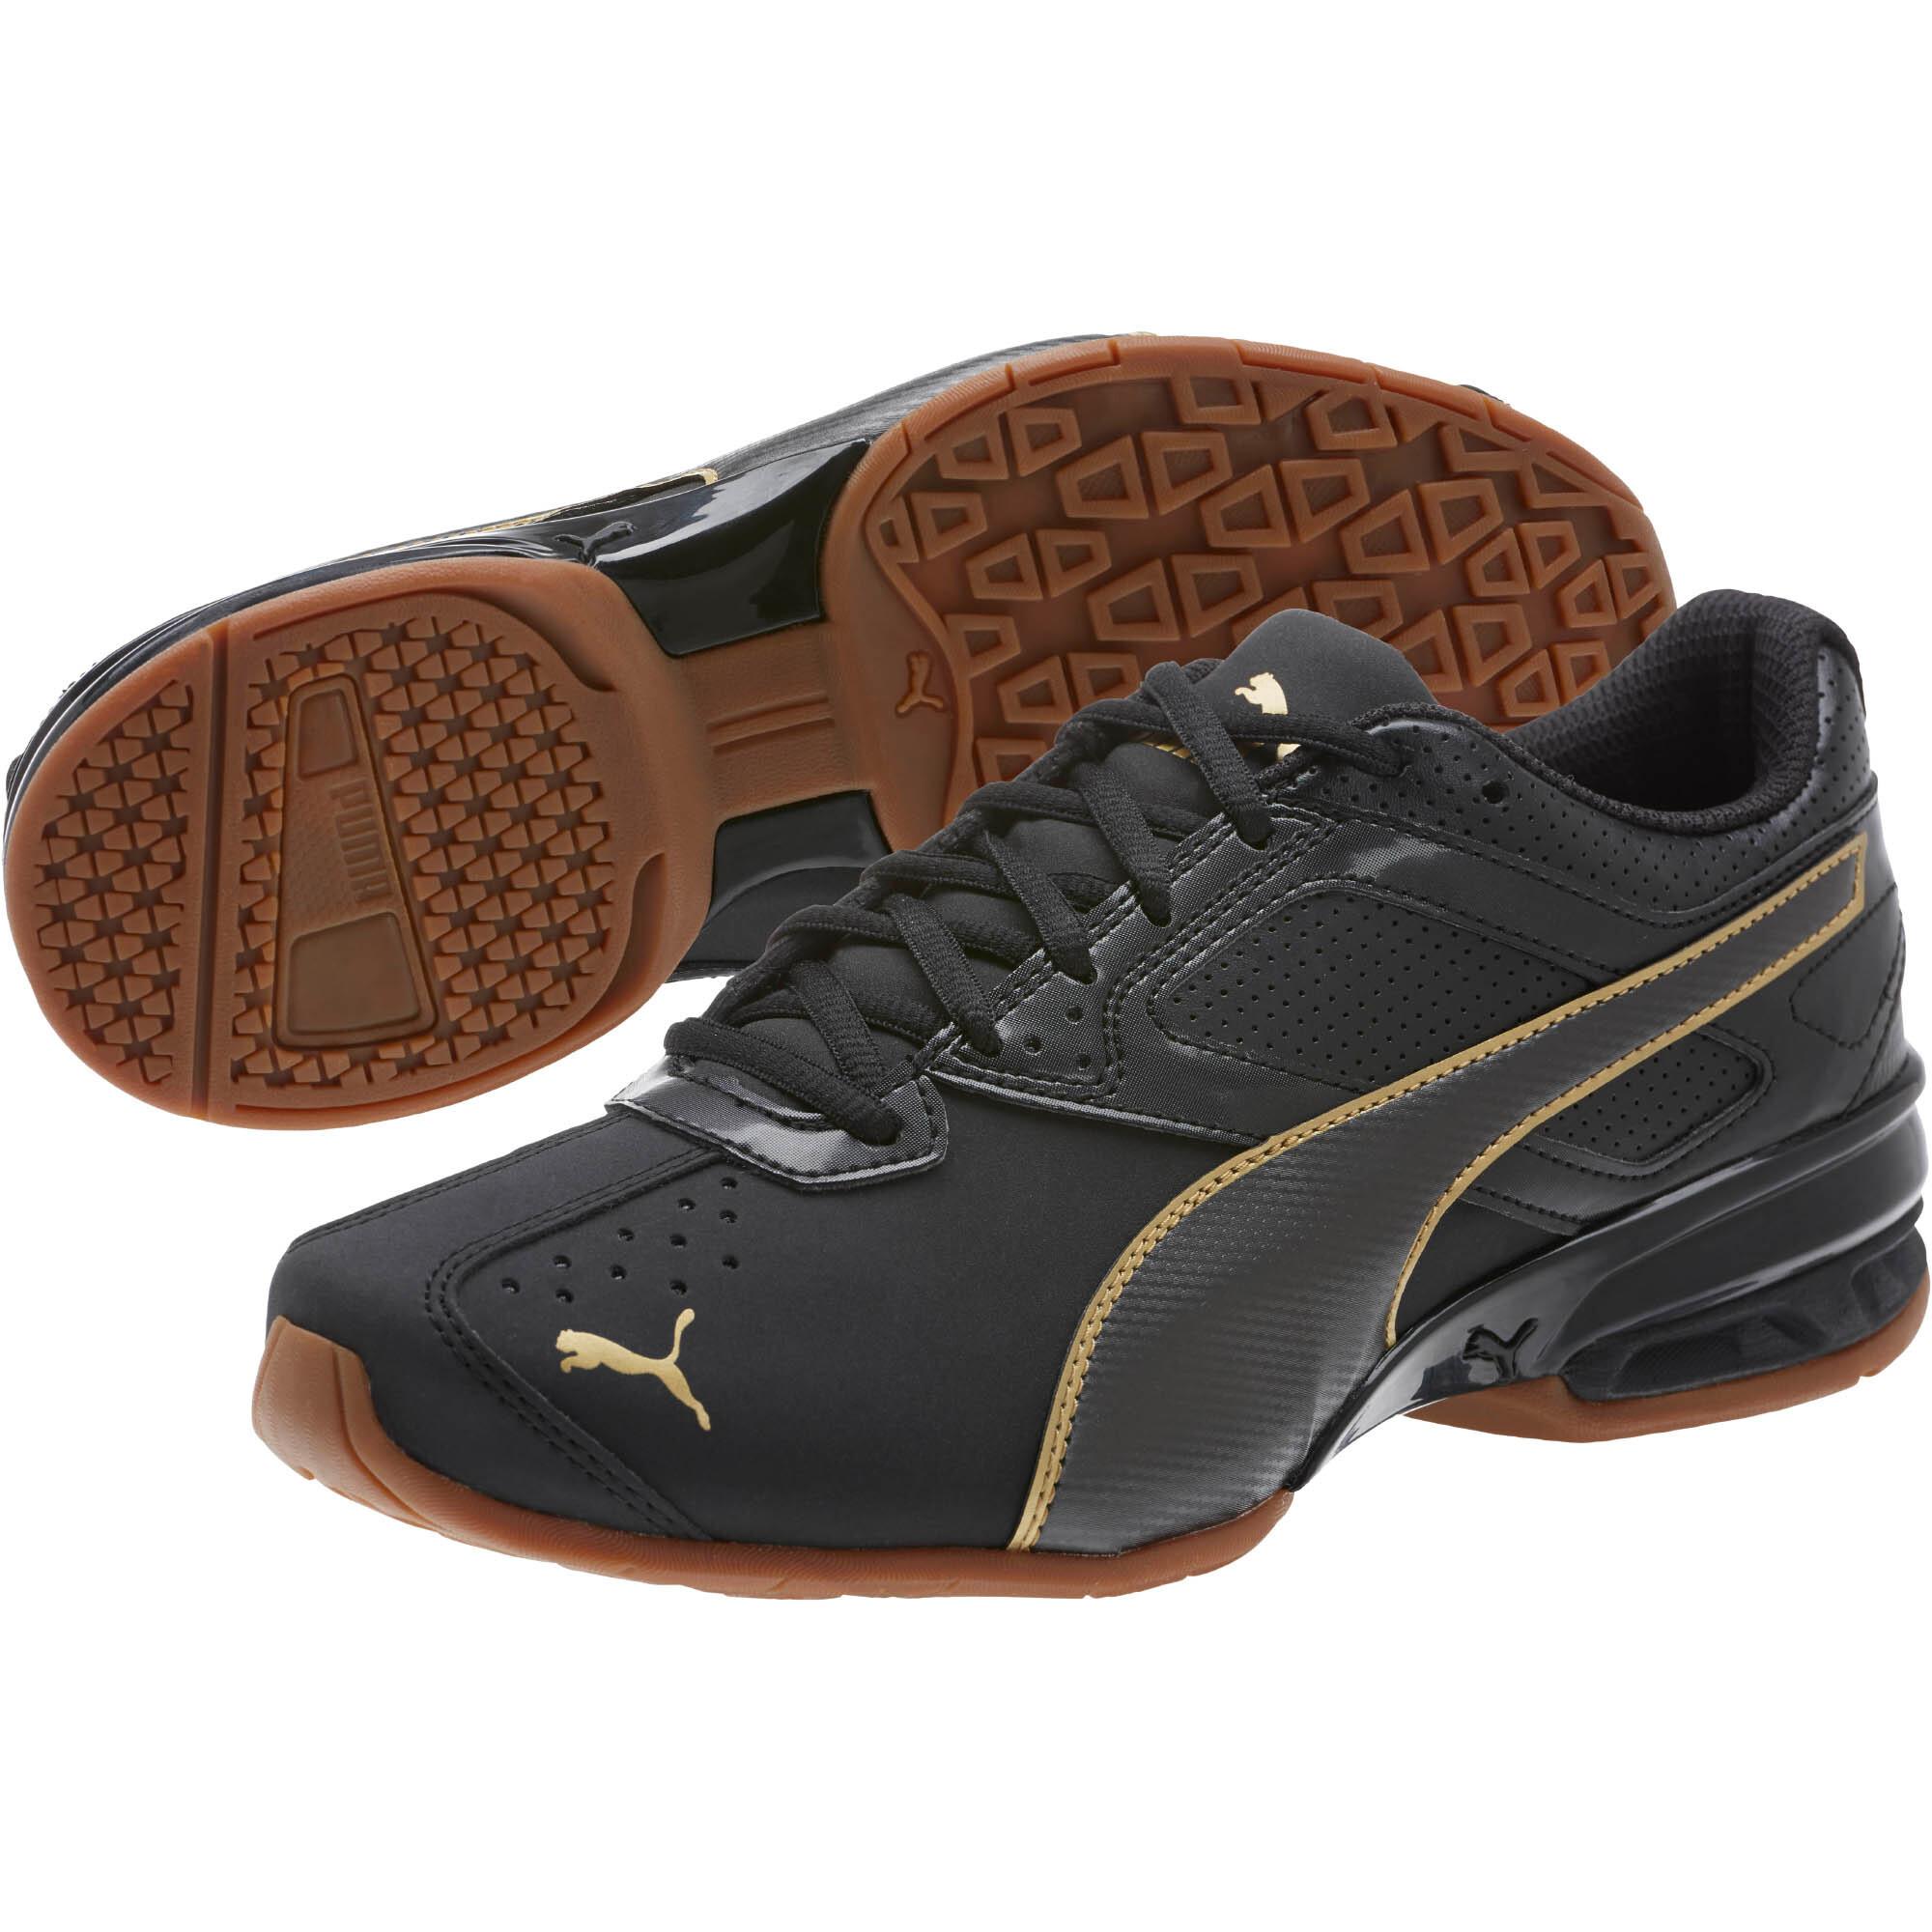 PUMA-Tazon-6-FM-Women-039-s-Sneakers-Women-Shoe-Running thumbnail 7